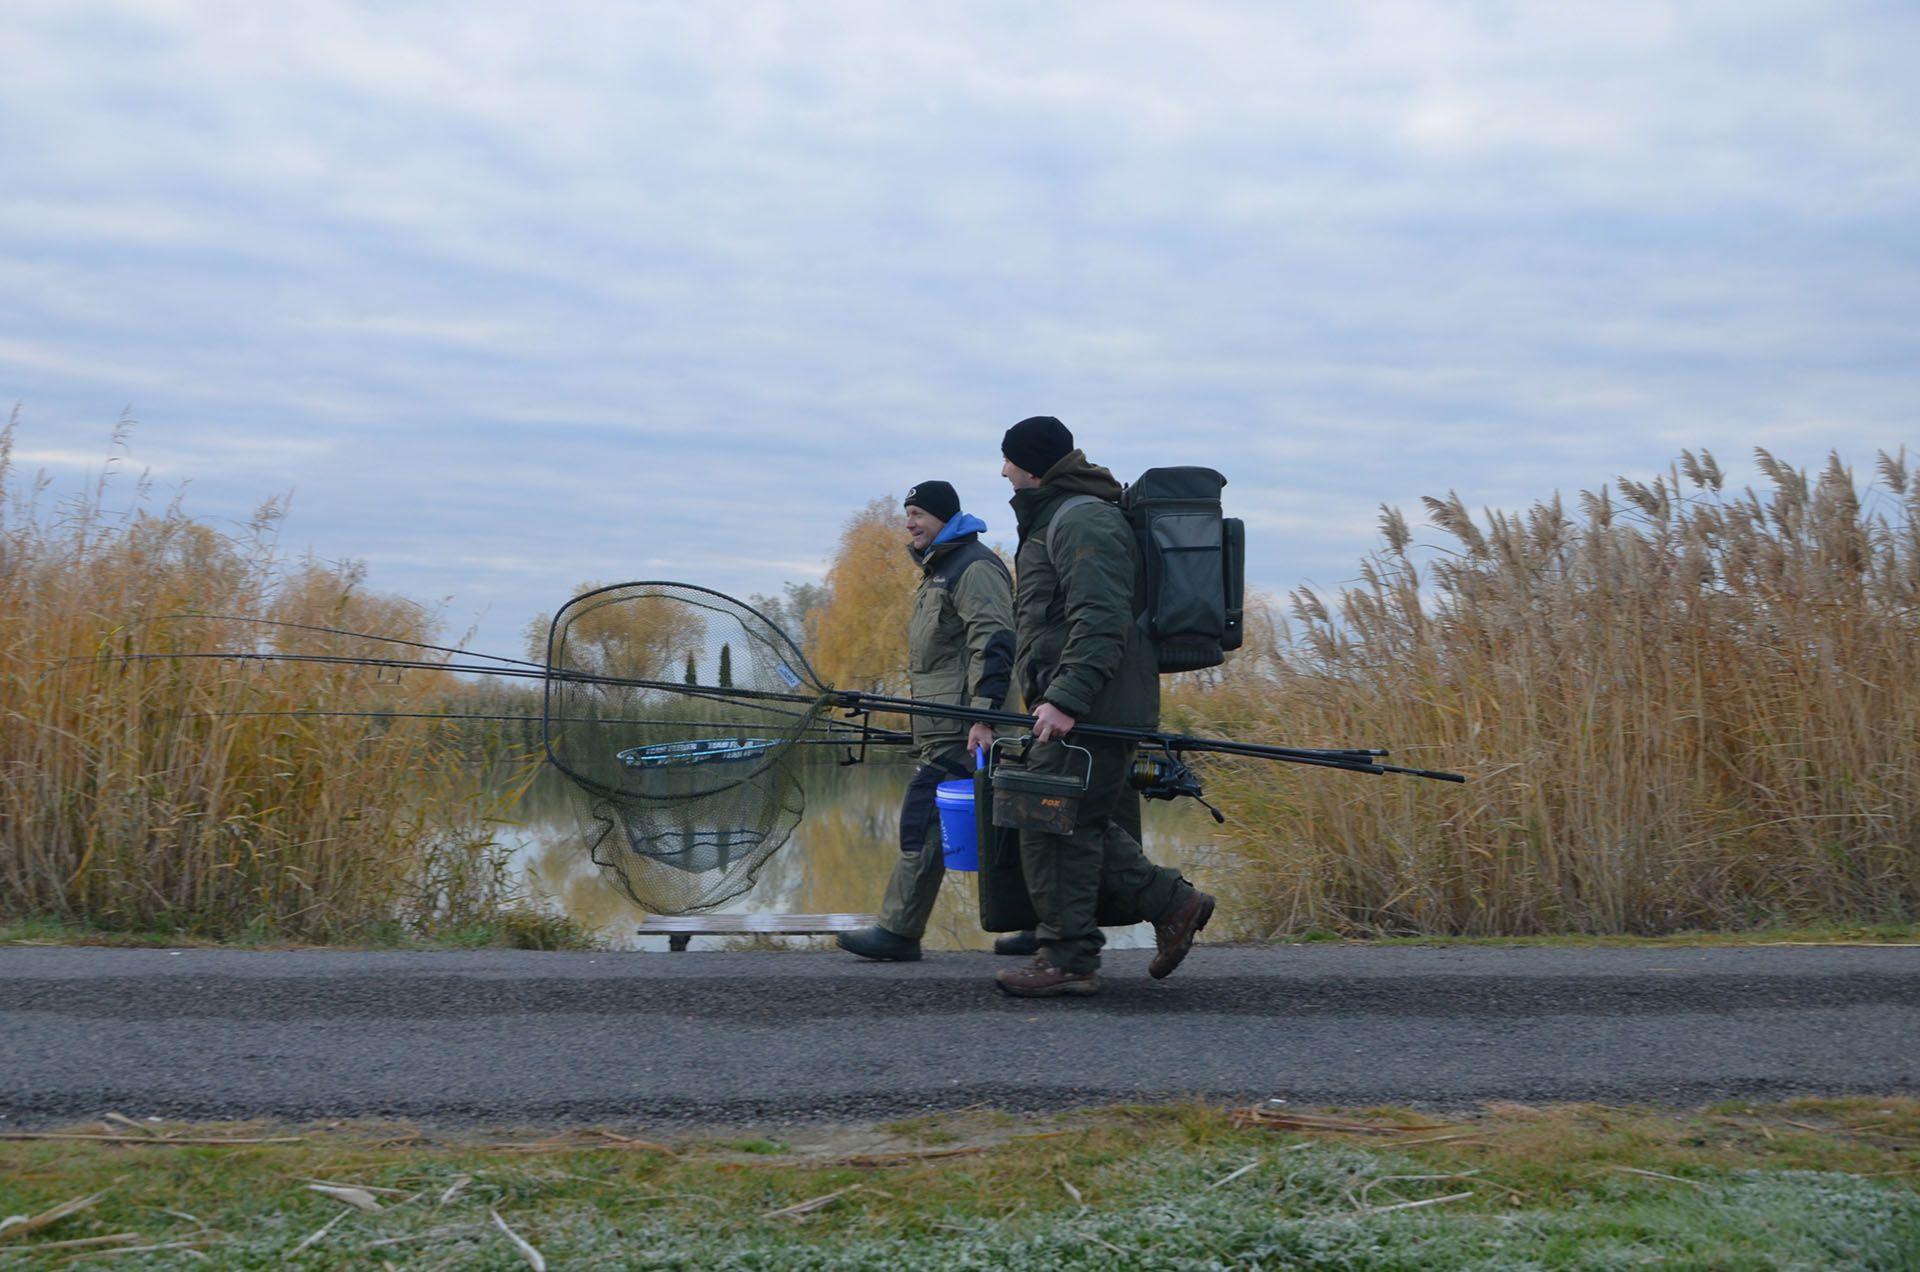 A legtöbb tavon nem lehet autóval a horgászhely mögé állni, ilyenkor át kell gondolni, hogy mit visz magával az ember